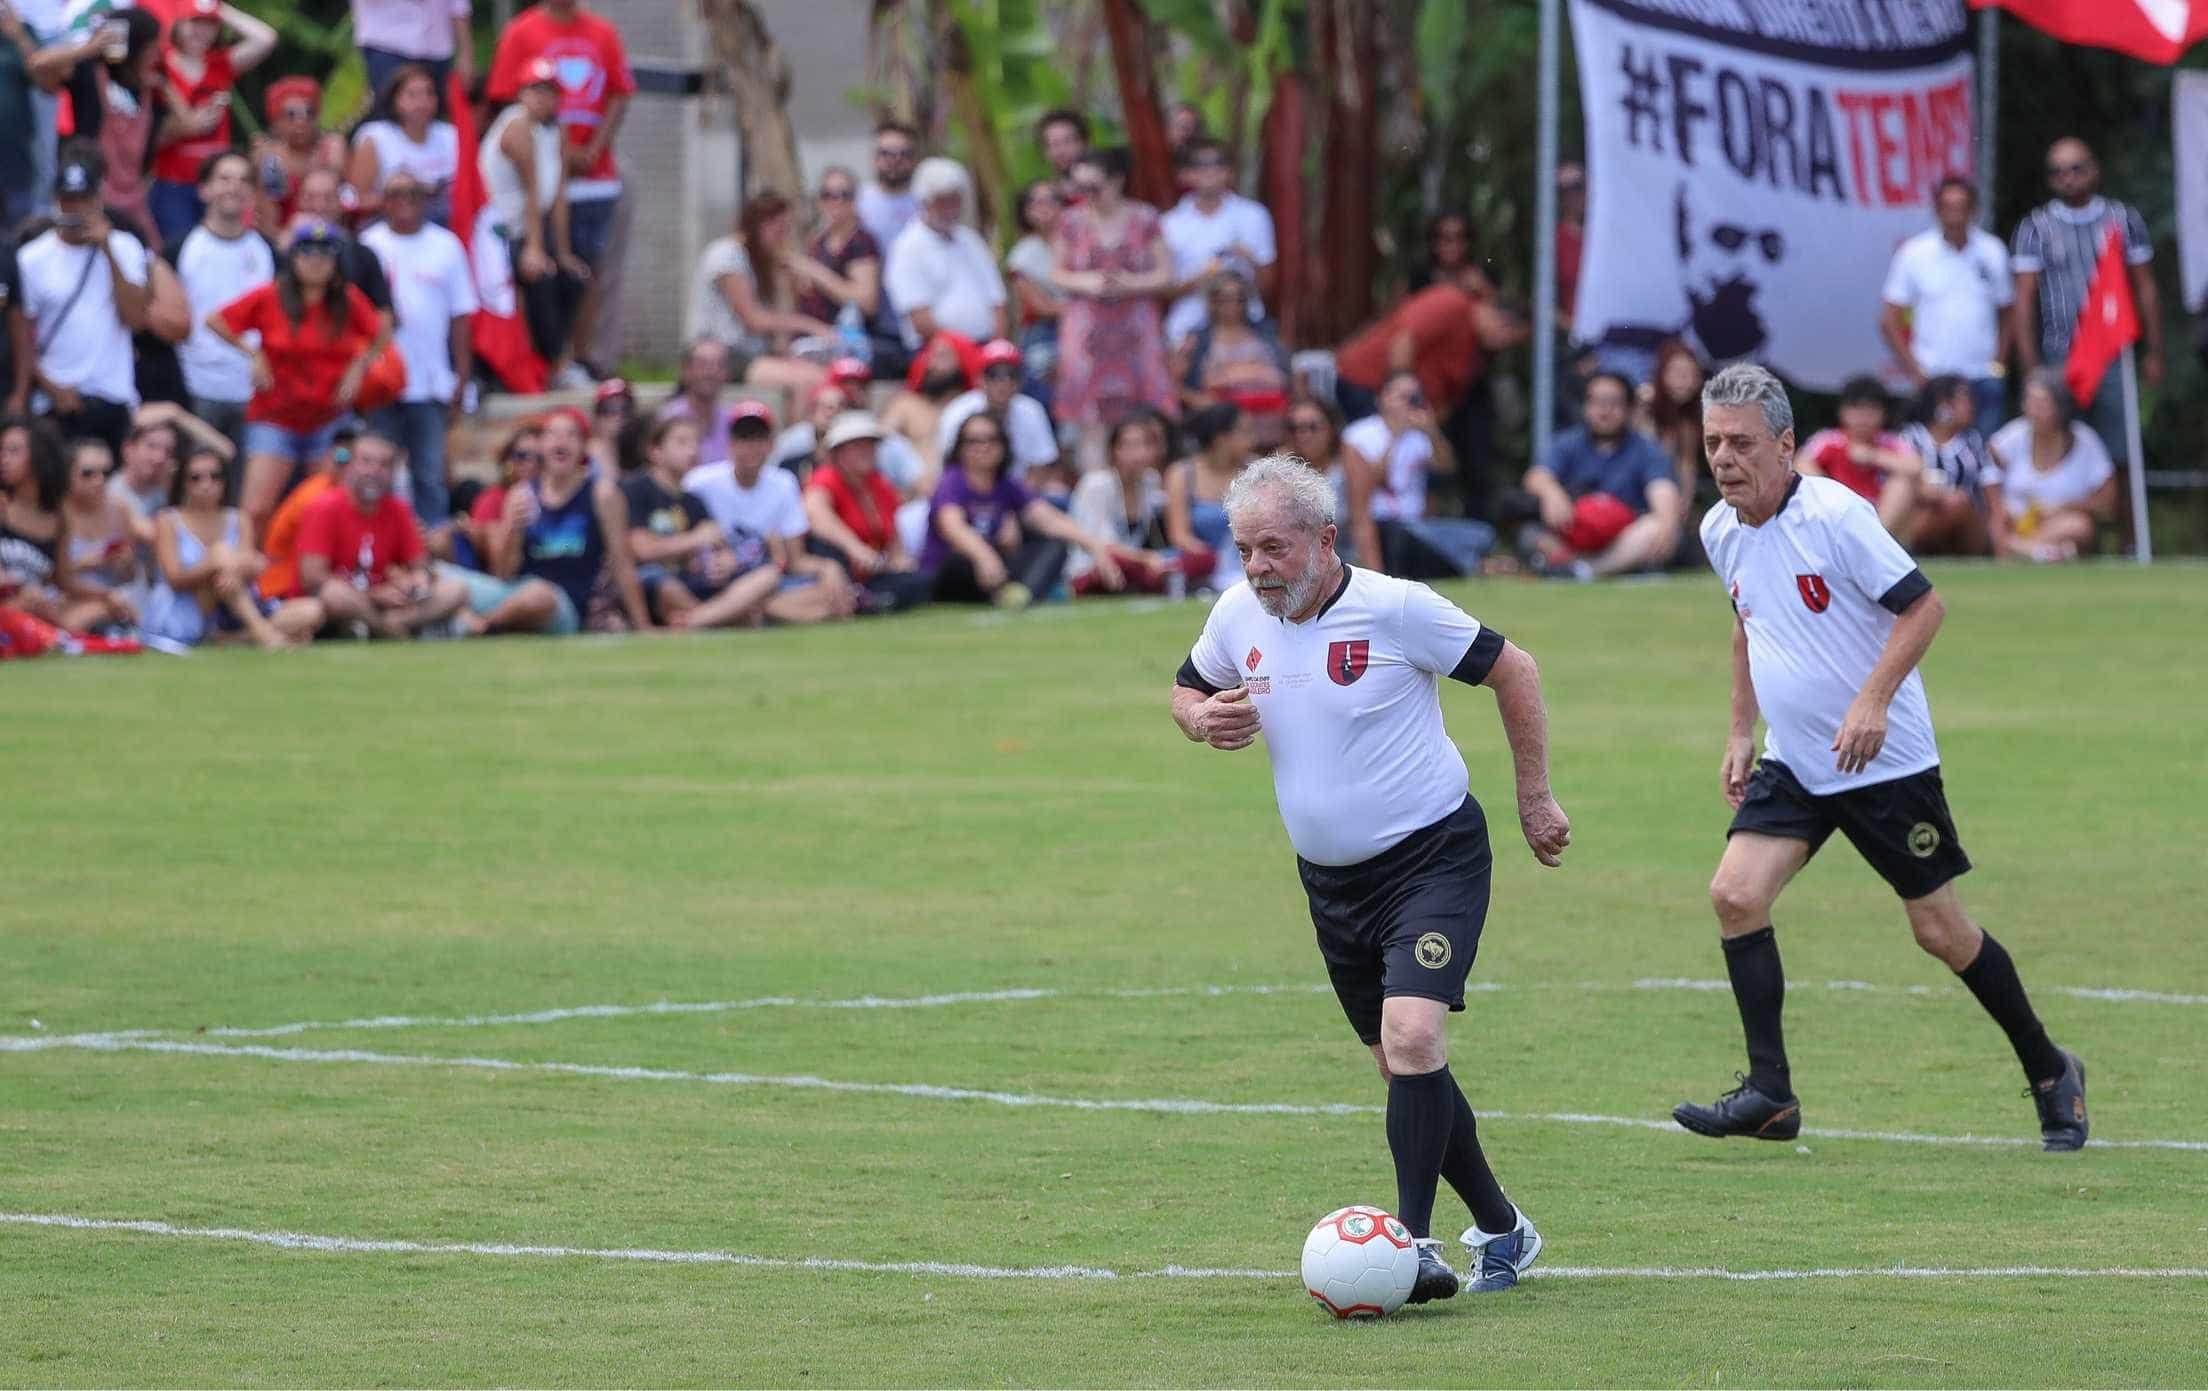 É muito sofrido assistir ao jogo do Brasil sem um amigo, afirma Lula